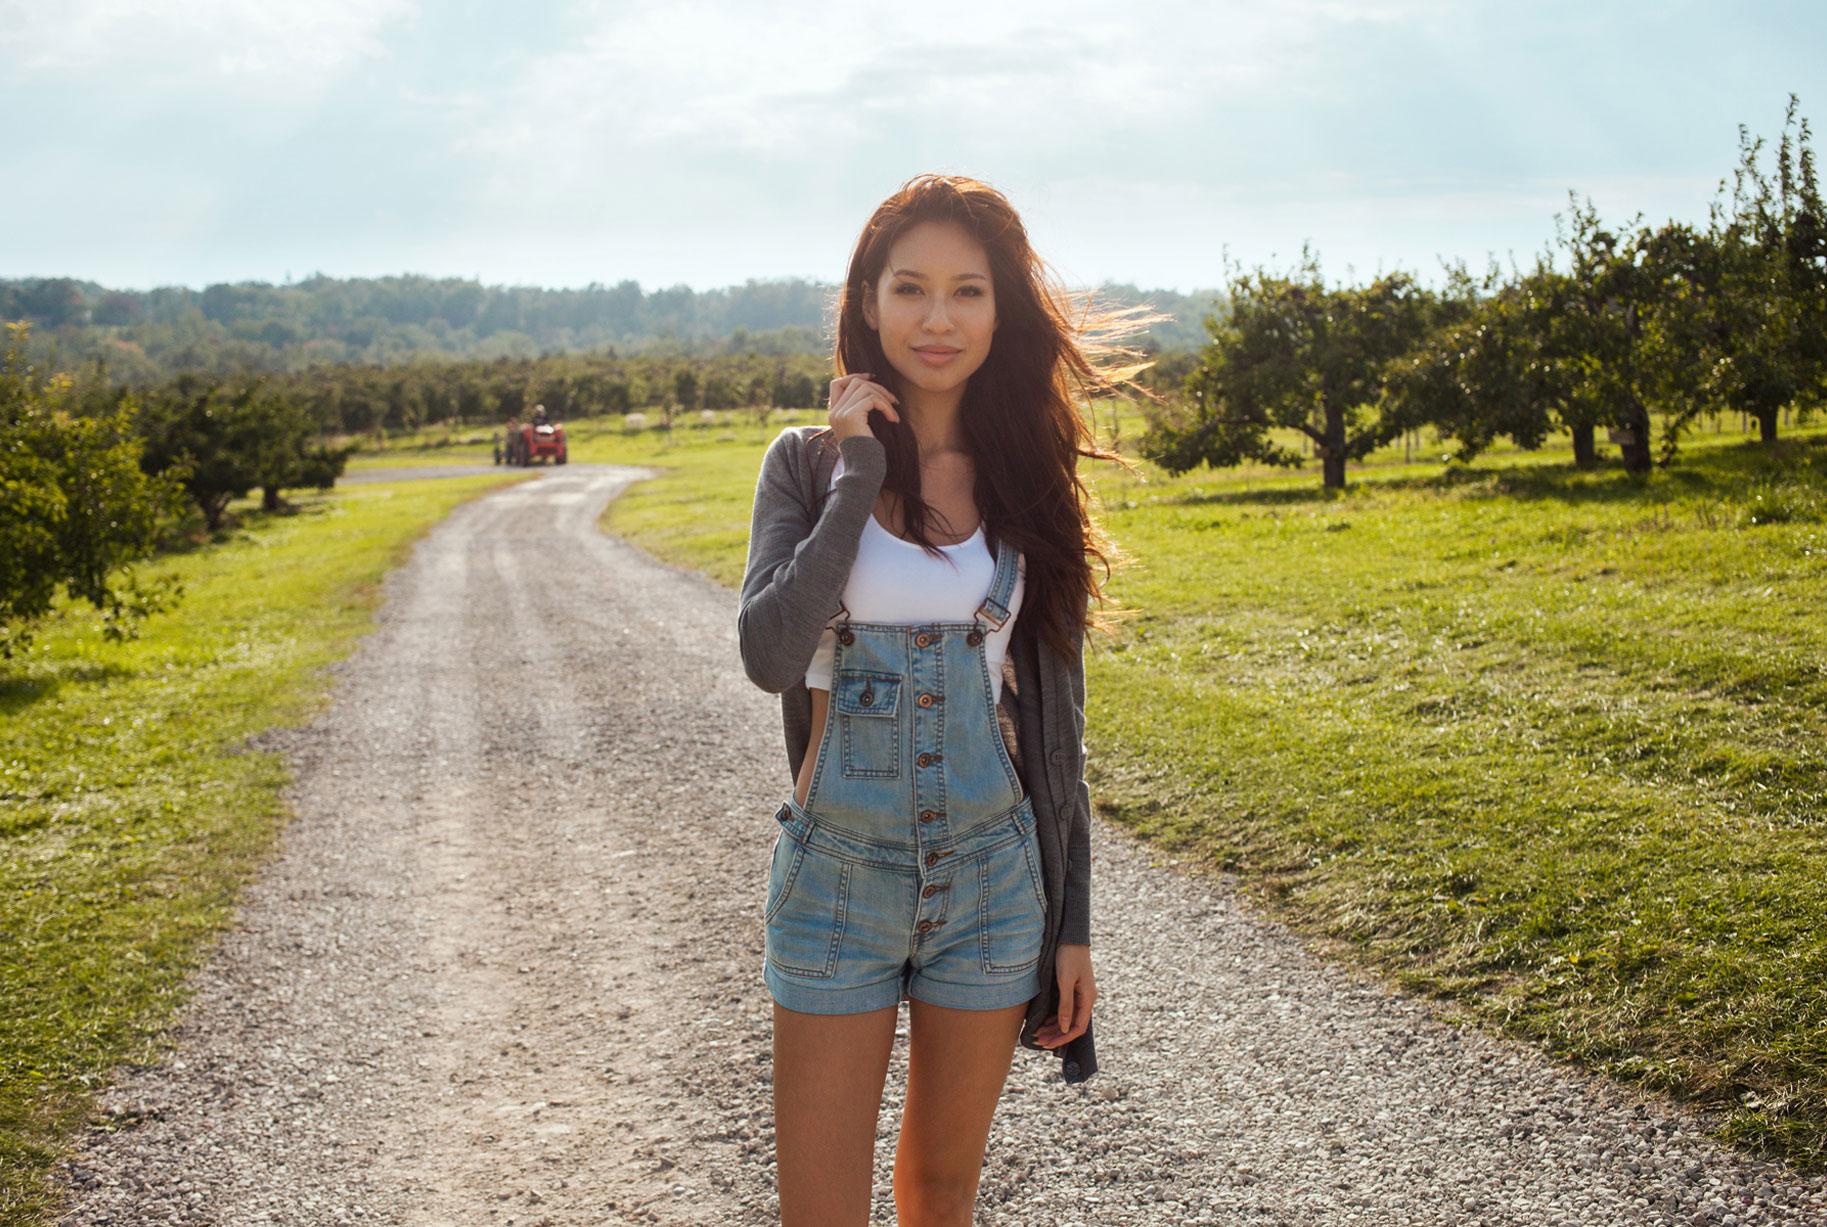 Farm / Elizabeth Ai-Quyen aka Lizzynopants by Brian Huynh